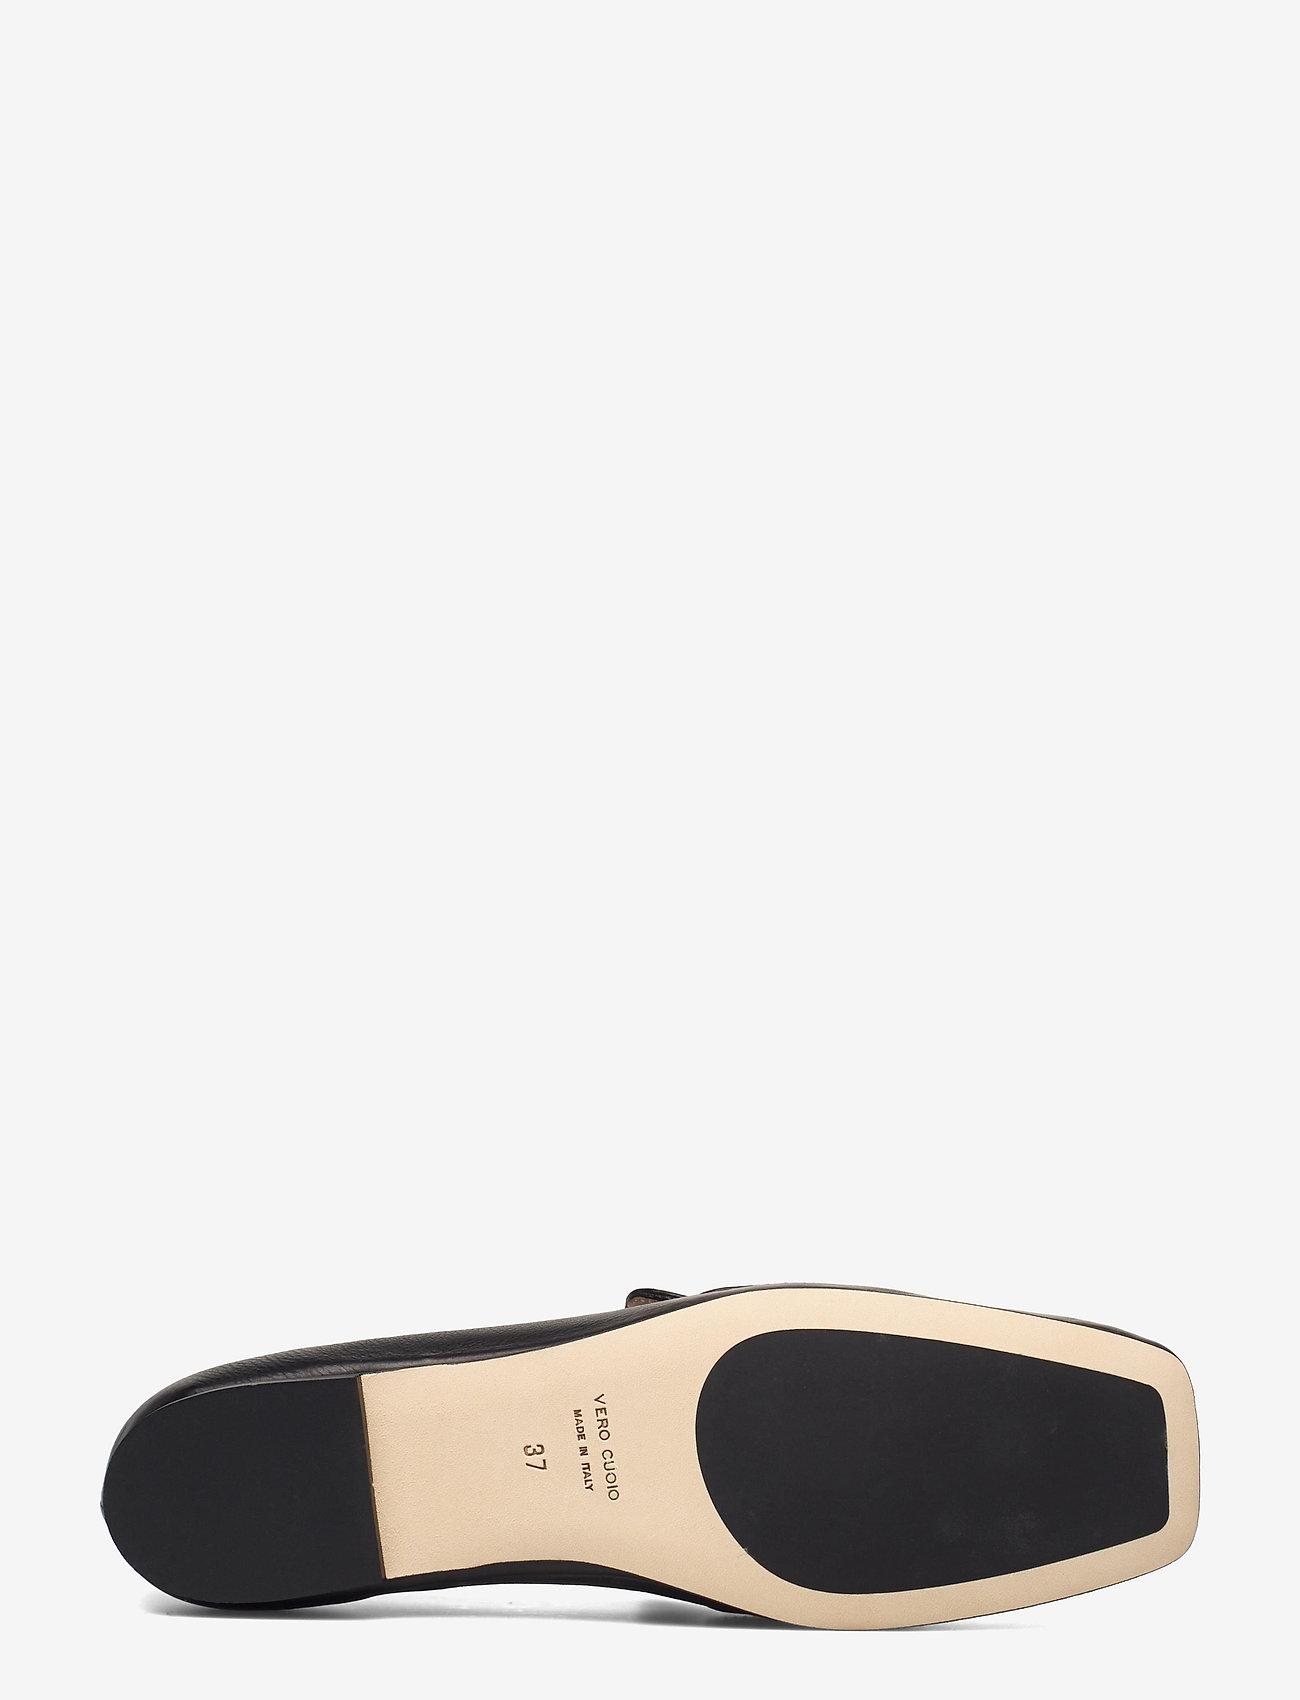 NOTABENE - Jerry - mokasiner - black leather - 4